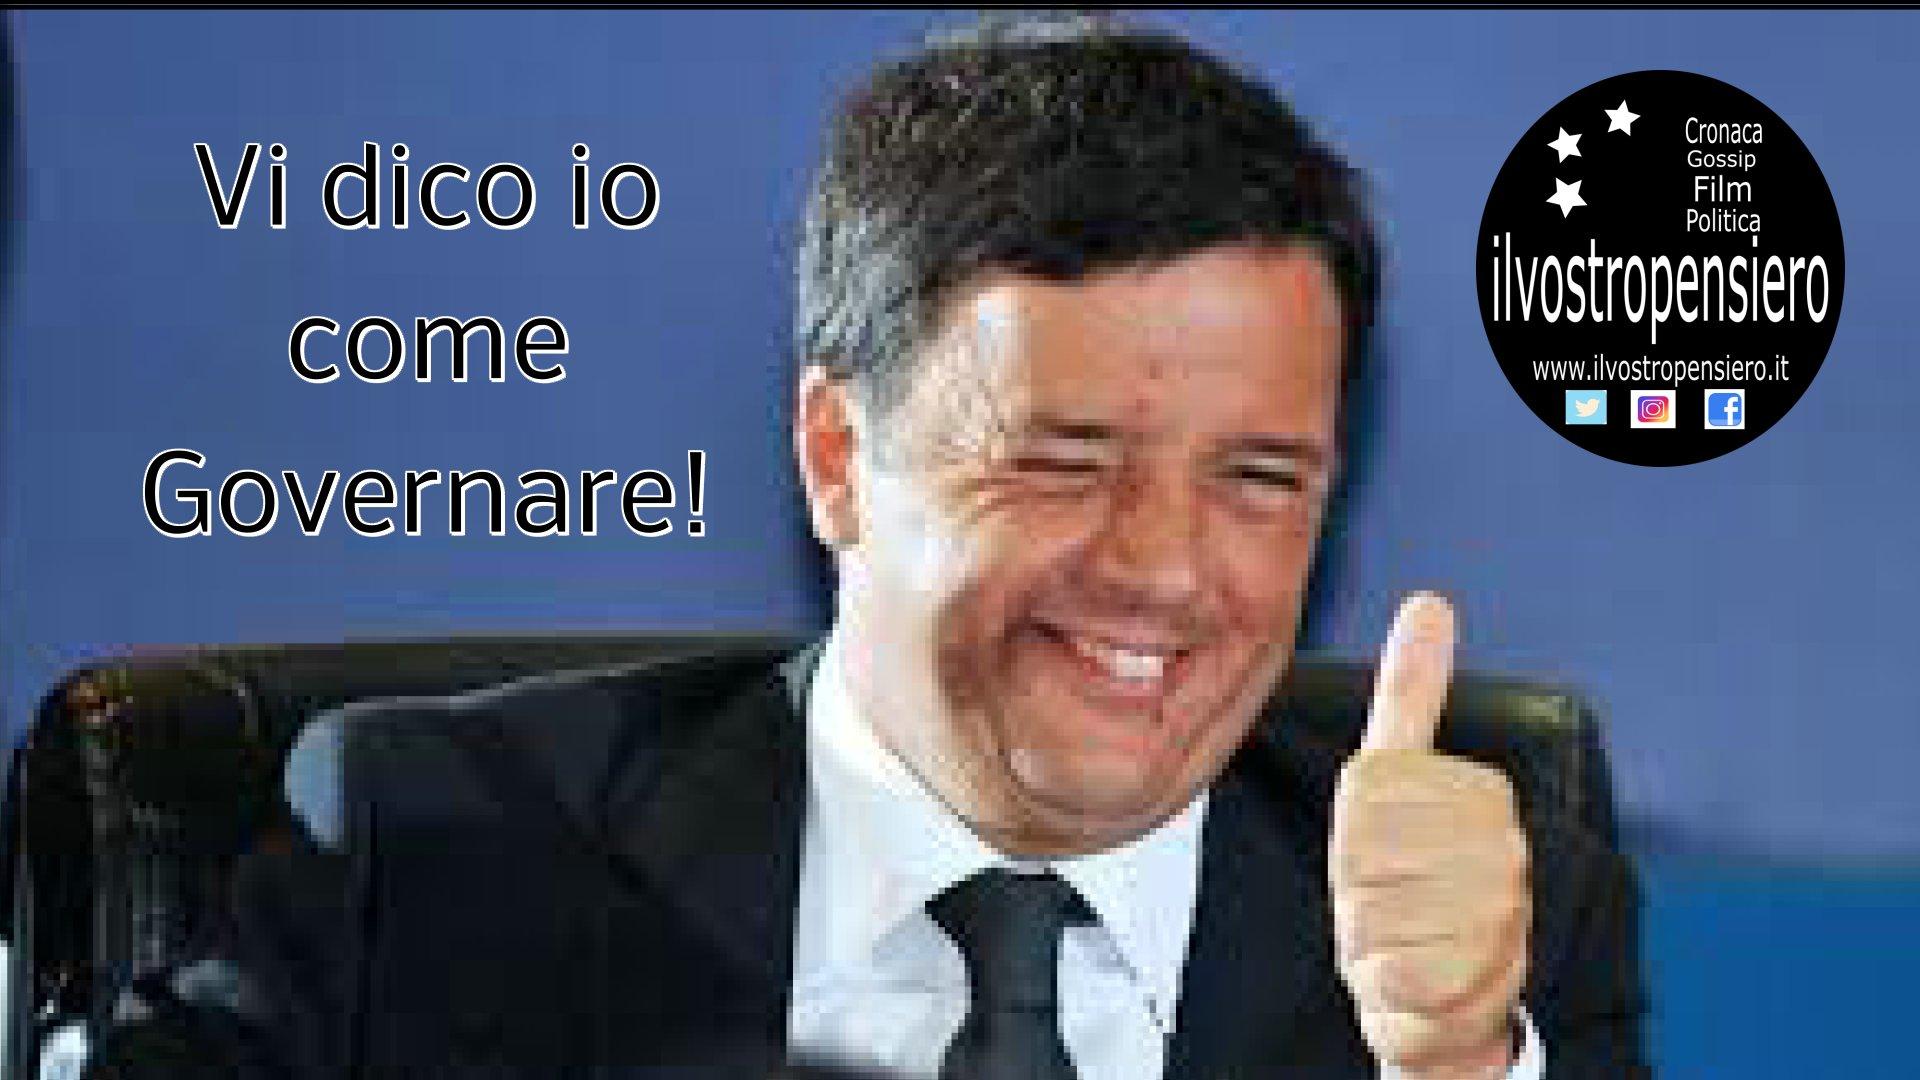 Matteo Renzi e la sua lenzioncina a questo governo